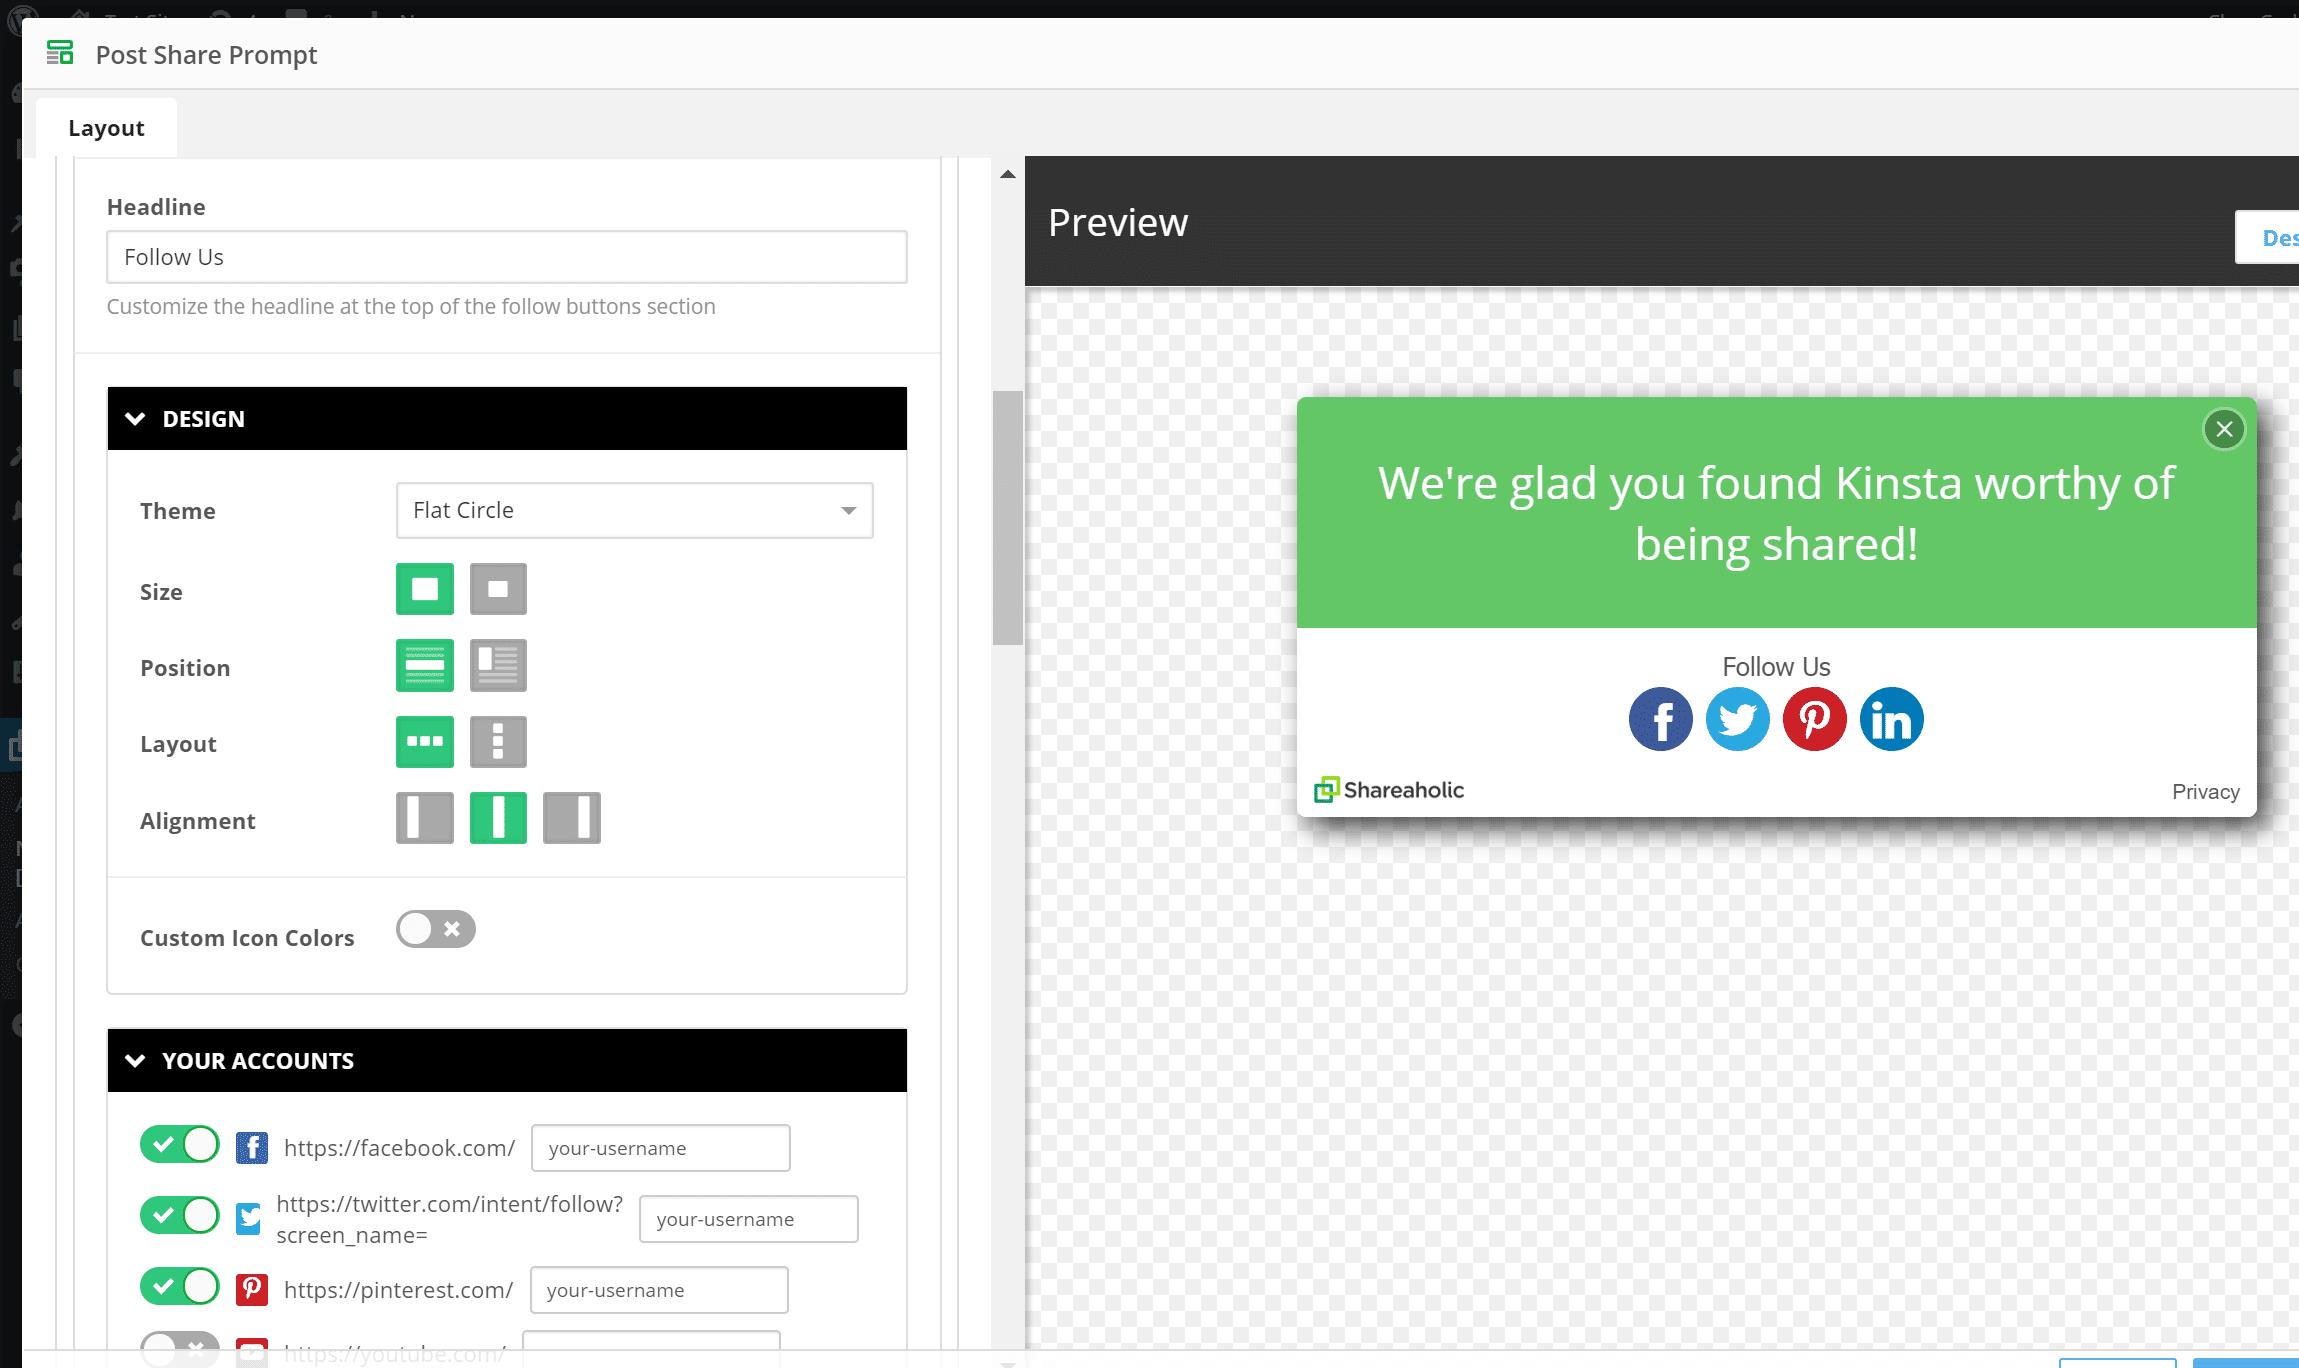 Comment ajouter des boutons de suivi à l'avis après partage